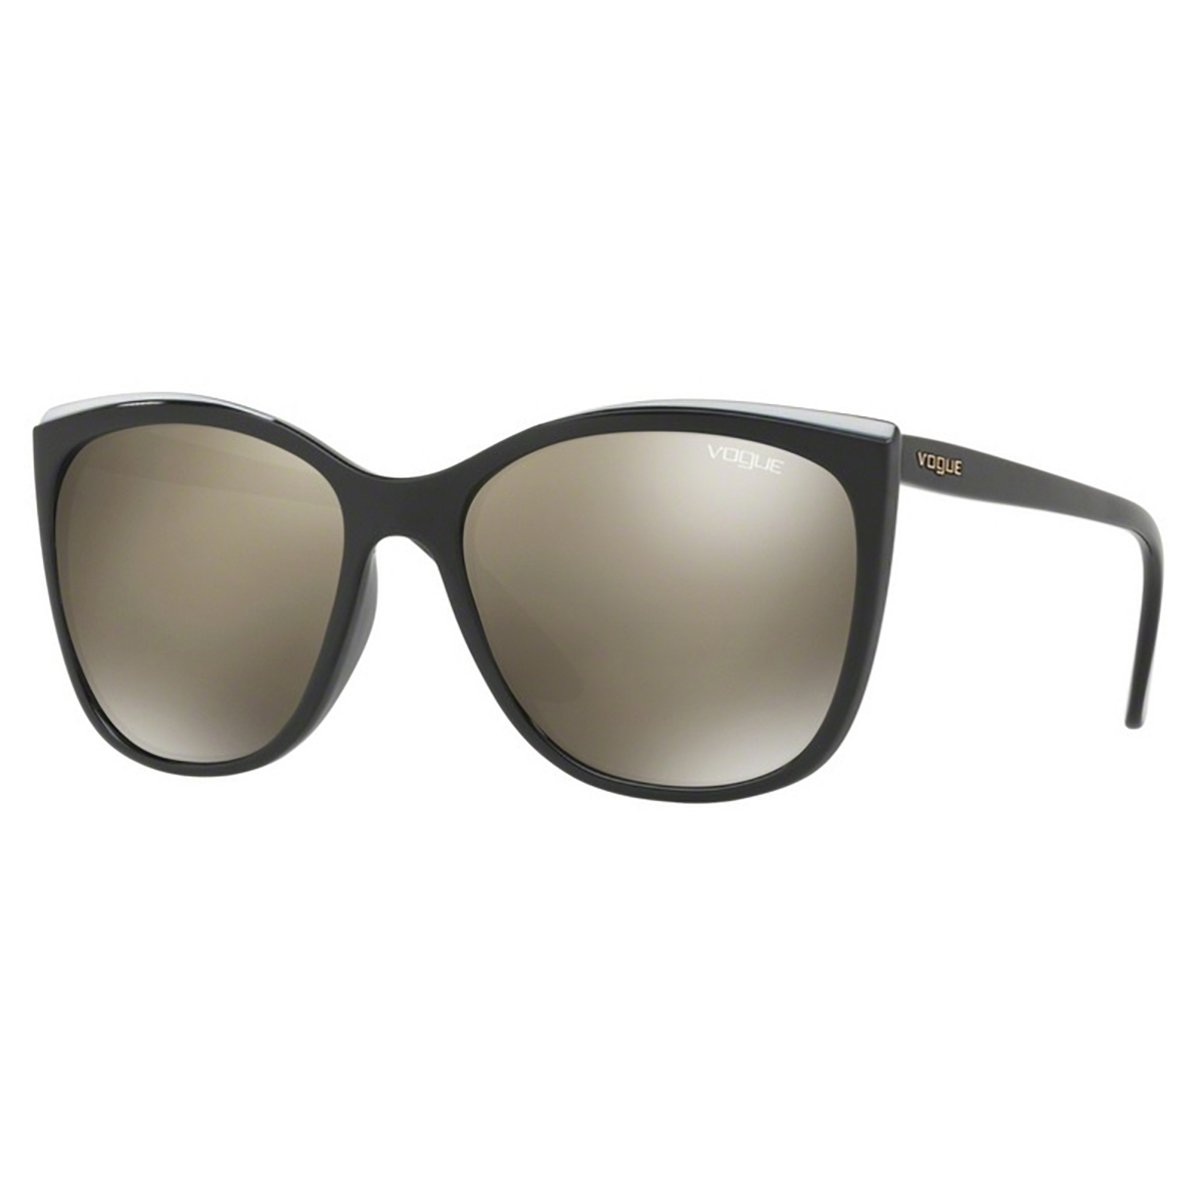 Compre Óculos de Sol Vogue em 10X   Tri-Jóia Shop dc5bb11ed9